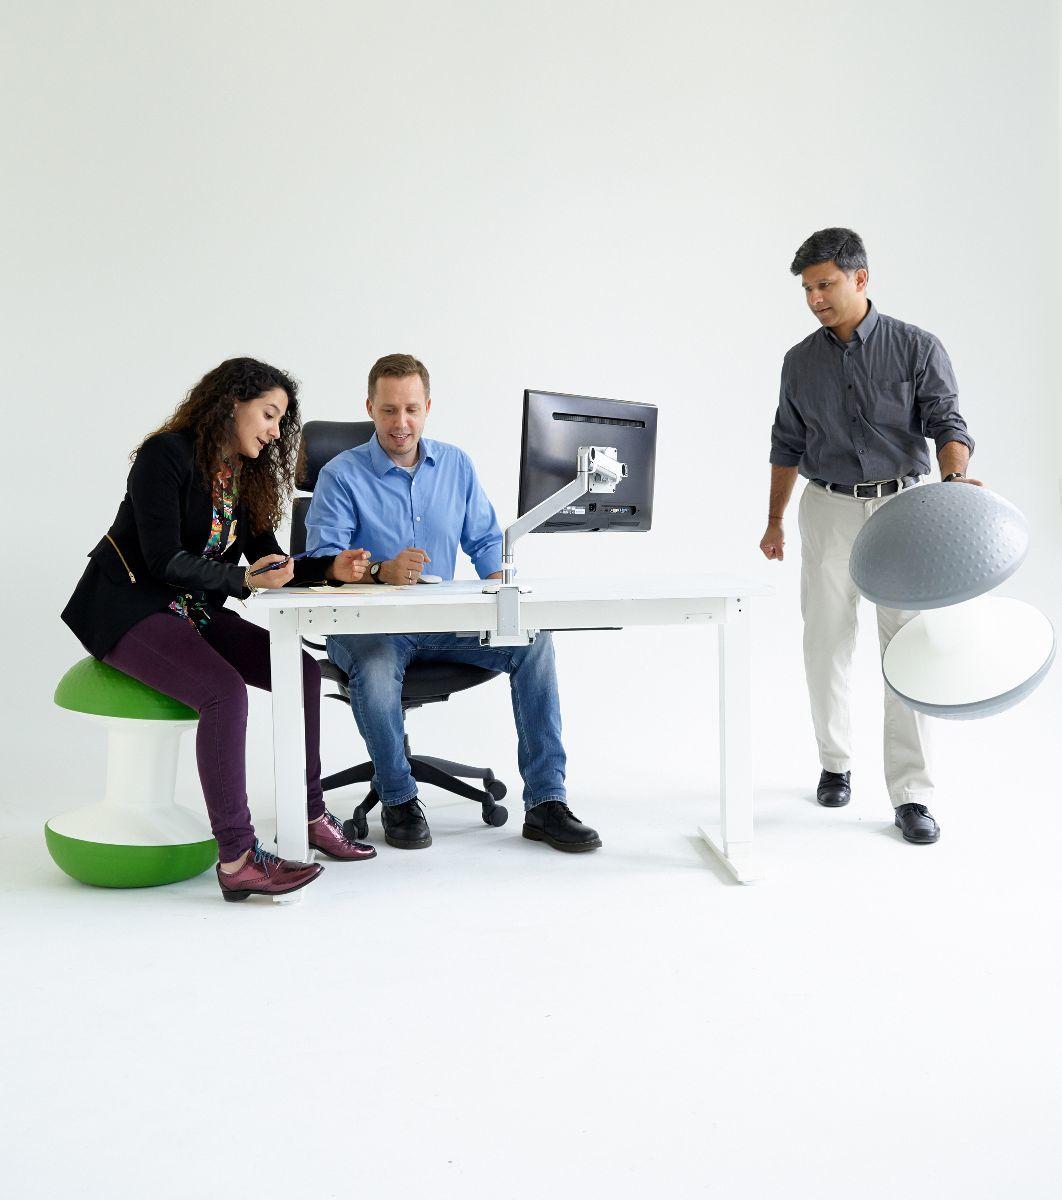 Ballo ergonomische zitbal op kantoor